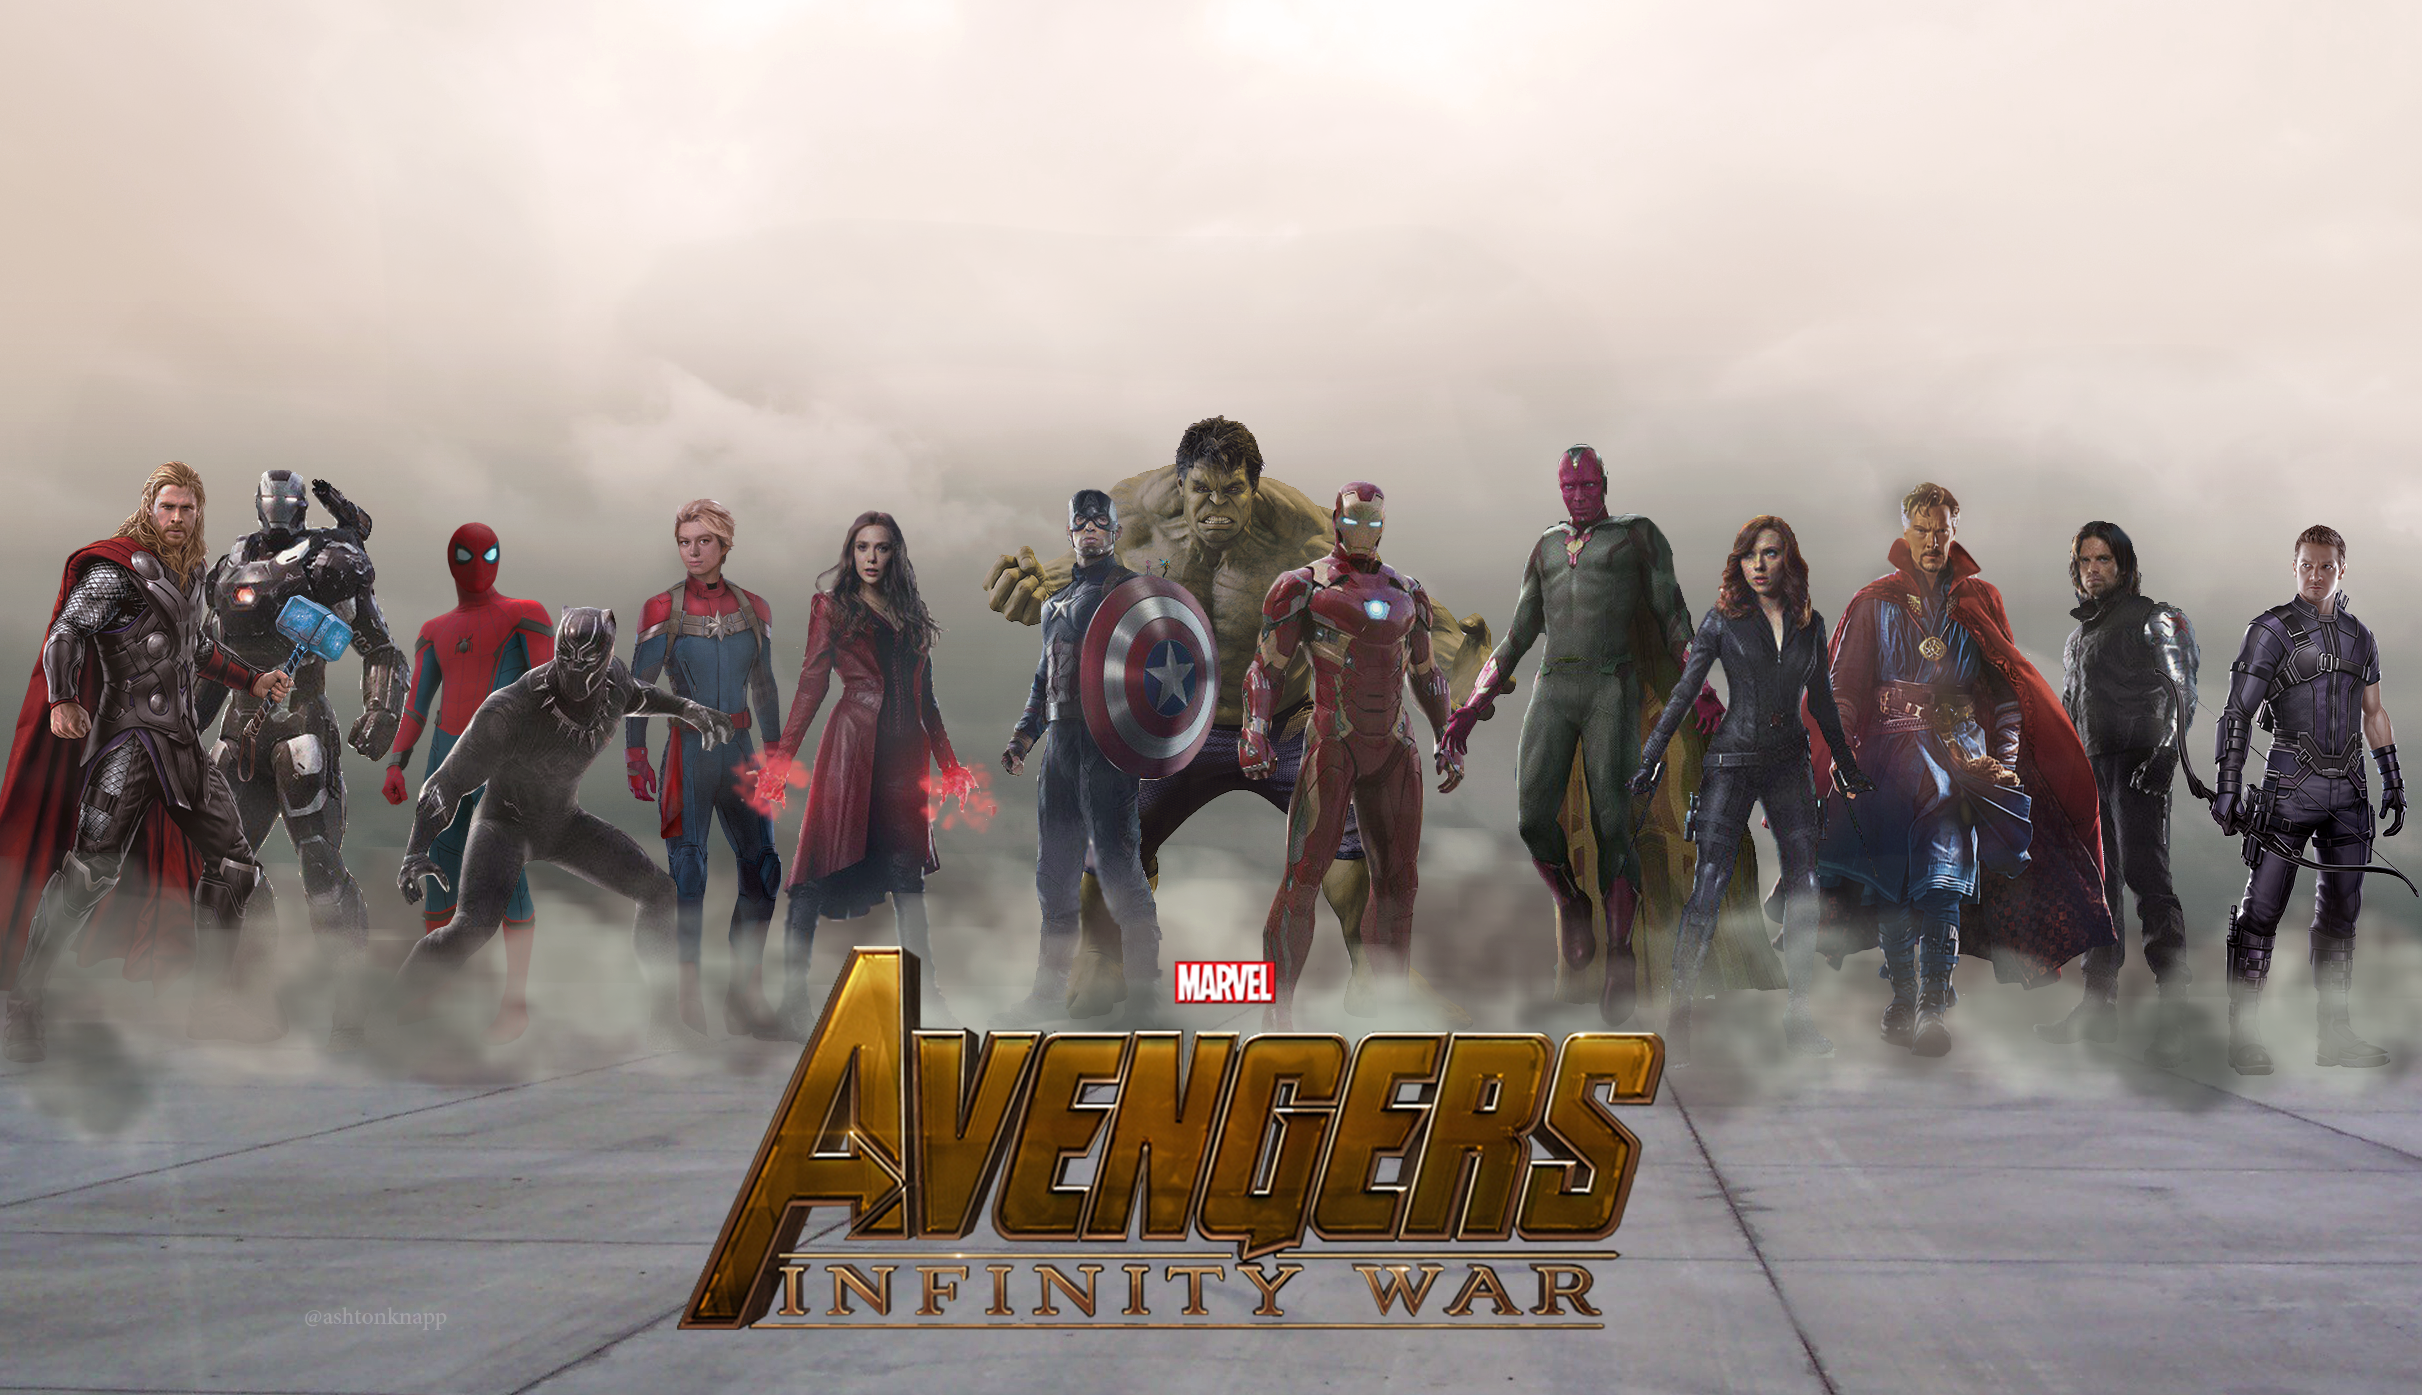 I made an Avengers: Infinity War poster! : marvelstudios.